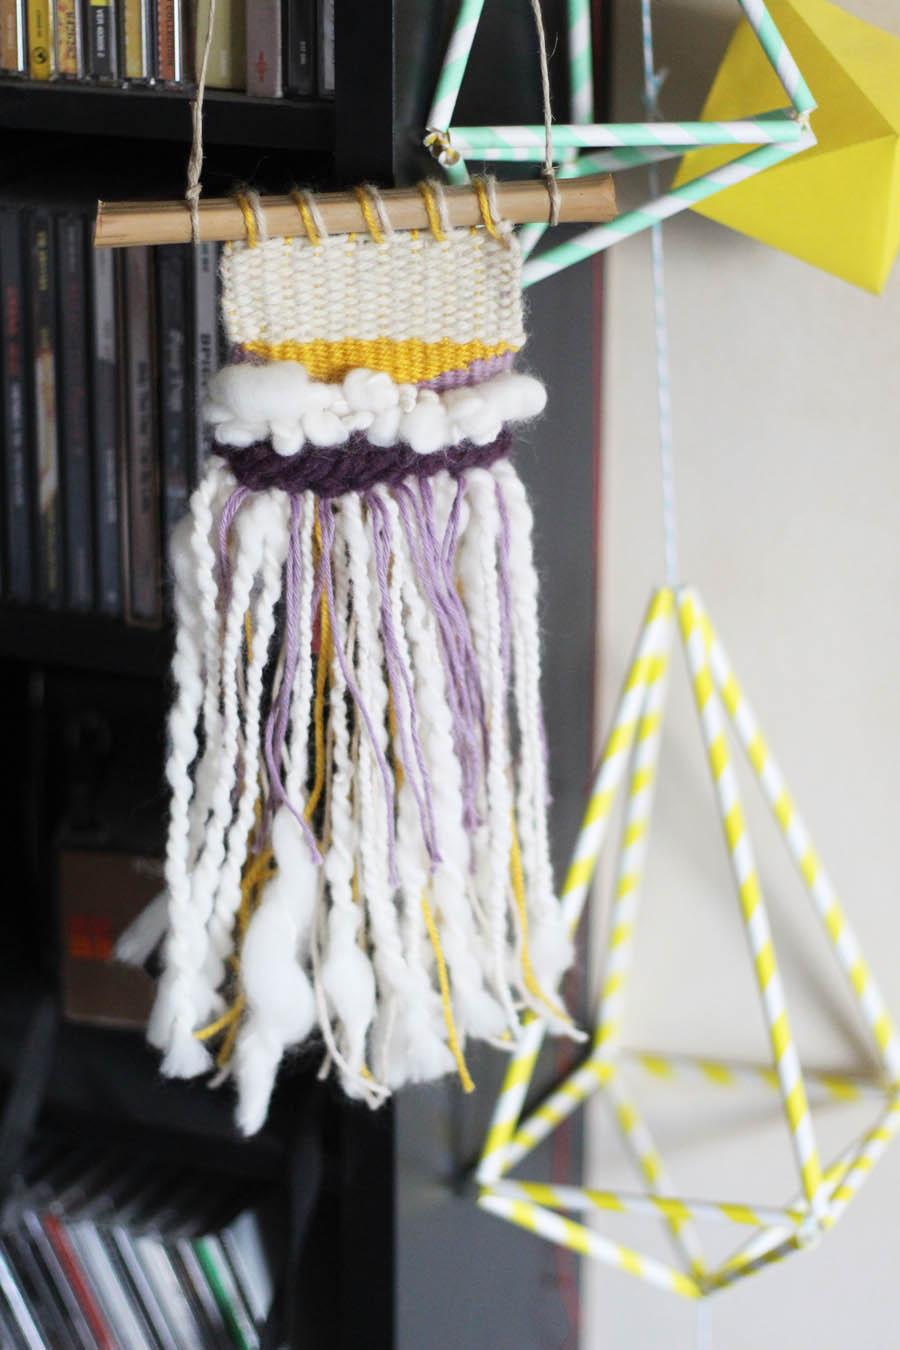 atelier-découverte-tissage-nantes-minus-concept-store-18-mymy-cracra